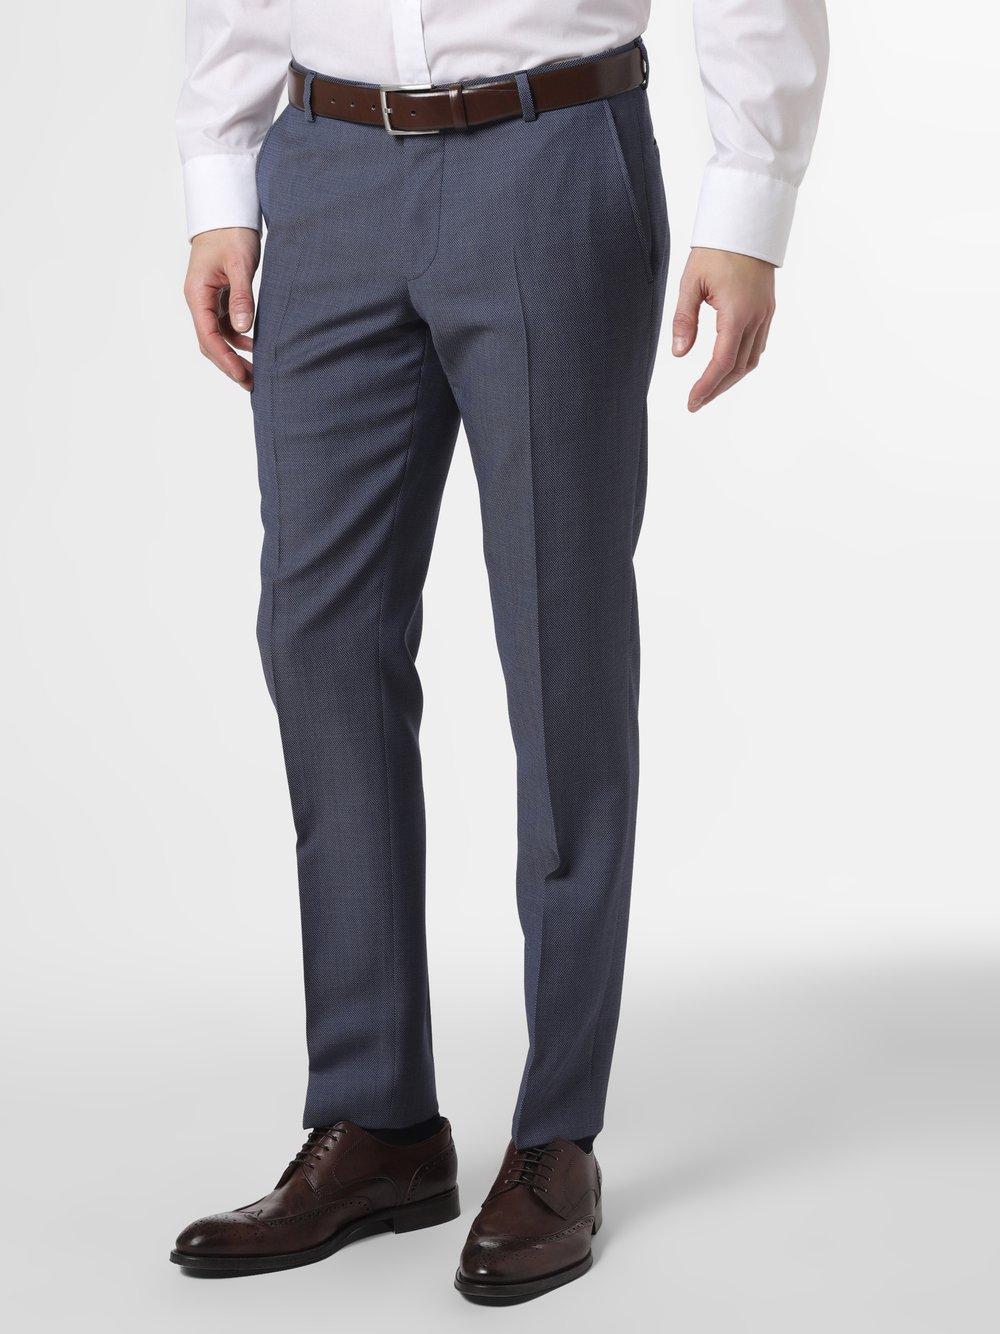 Joop - Męskie spodnie od garnituru modułowego – Blayr, niebieski